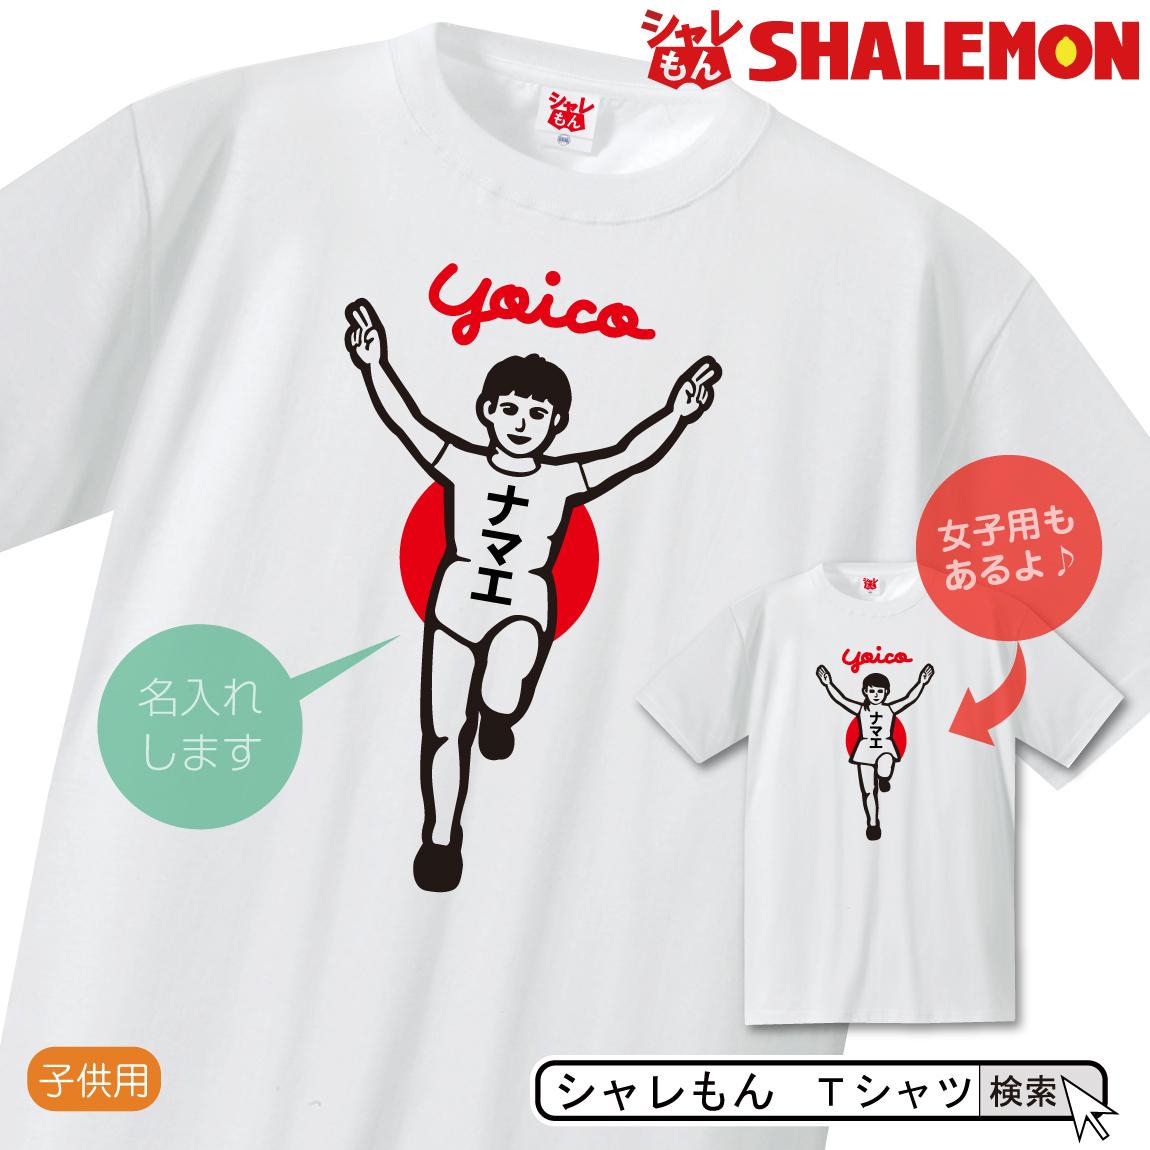 b3343bad6c1a6 名入れ tシャツ ランナー風  バンザイ 男子・女子 おもしろ tシャツ 子供